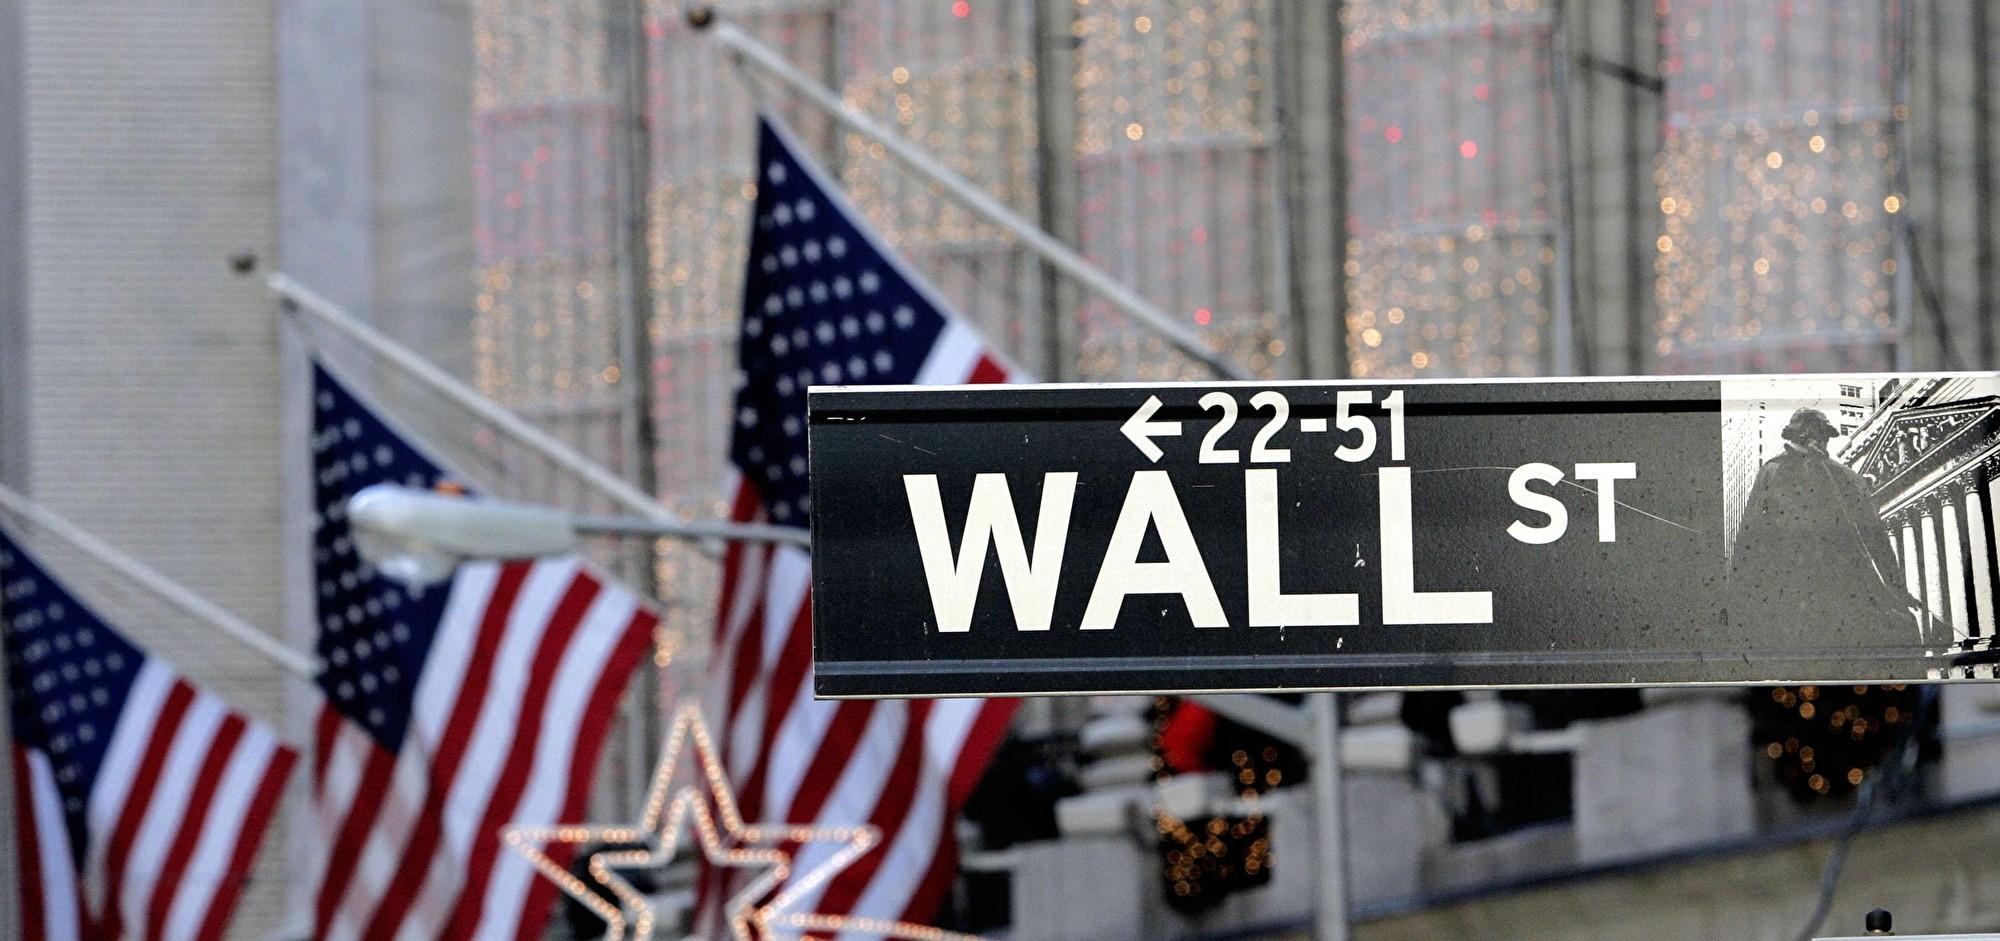 2000年新浪在中國首創VIE模式赴美上市後,中資企業迅速掀起了海外上市圈錢。(Stephen Chernin/Getty Images)